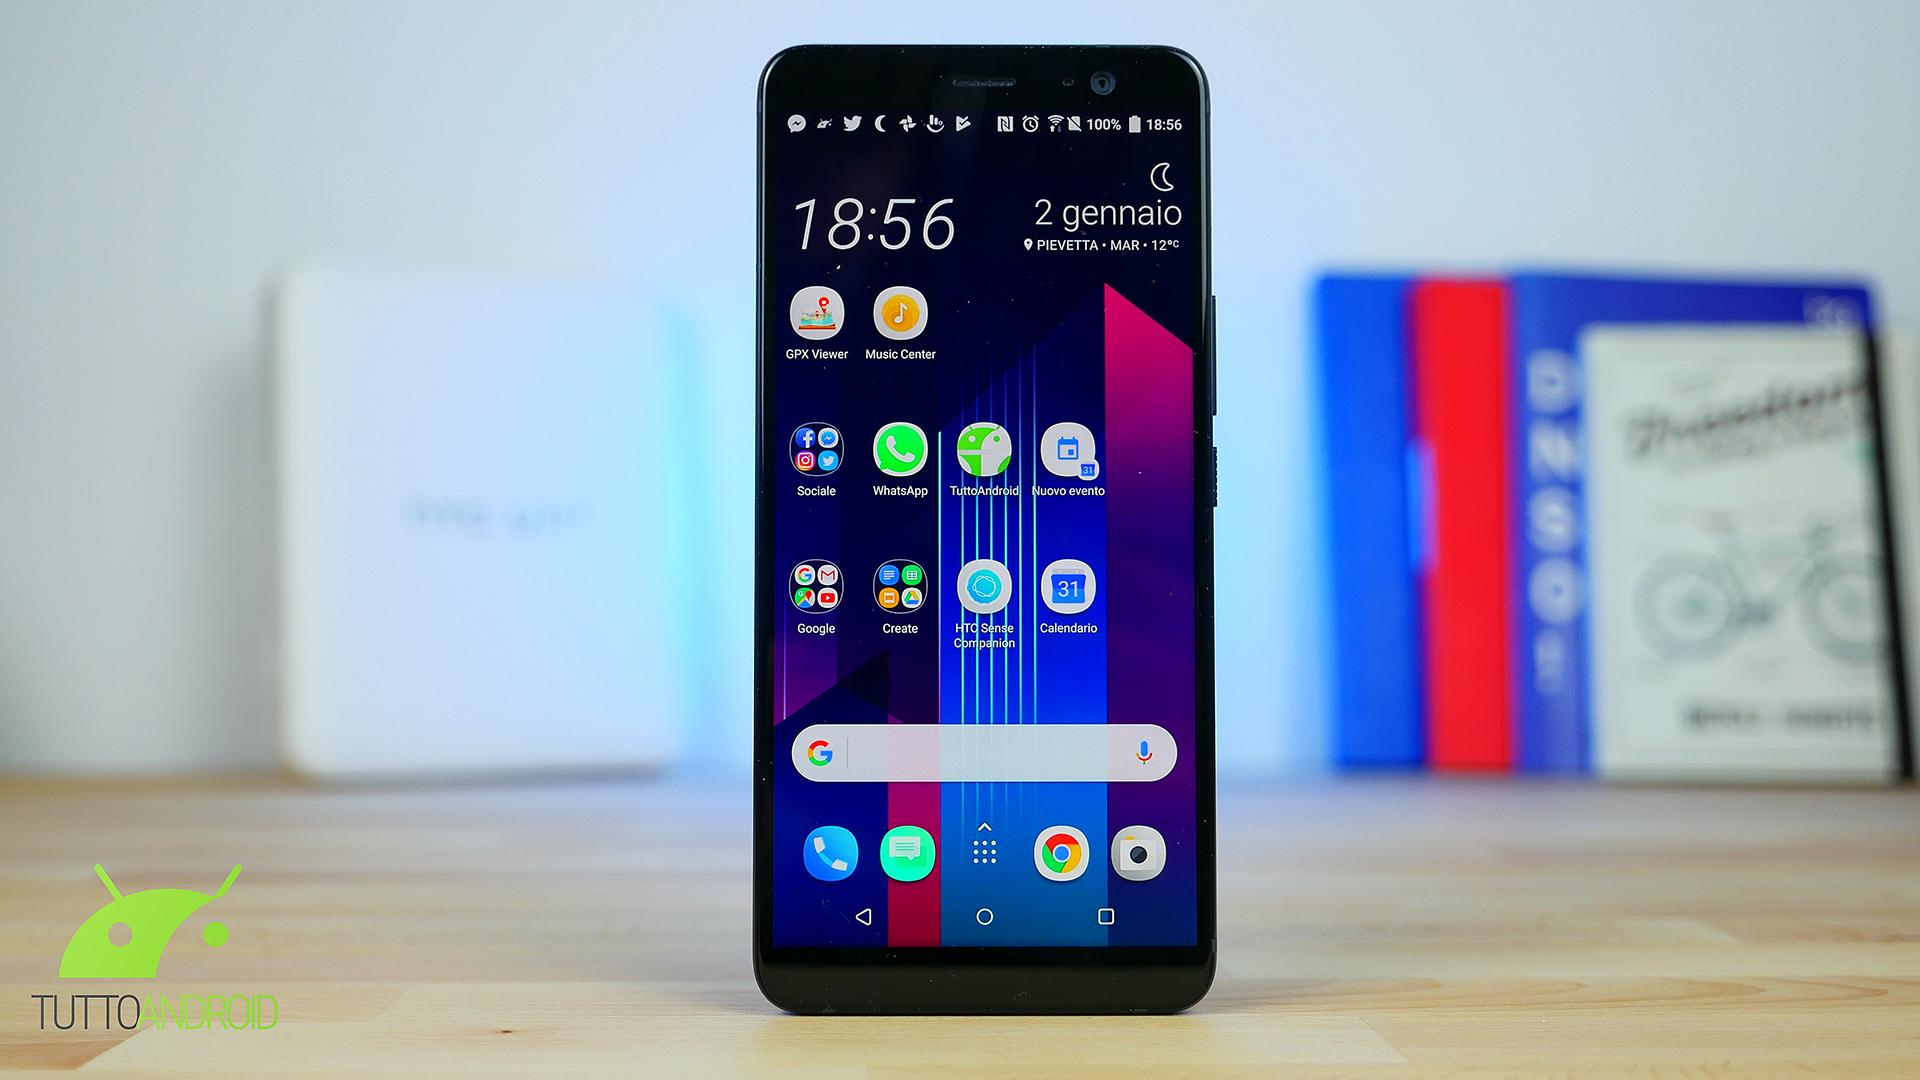 HTC U11 ritorna in vita grazie alla LineageOS 17.1 non uffic